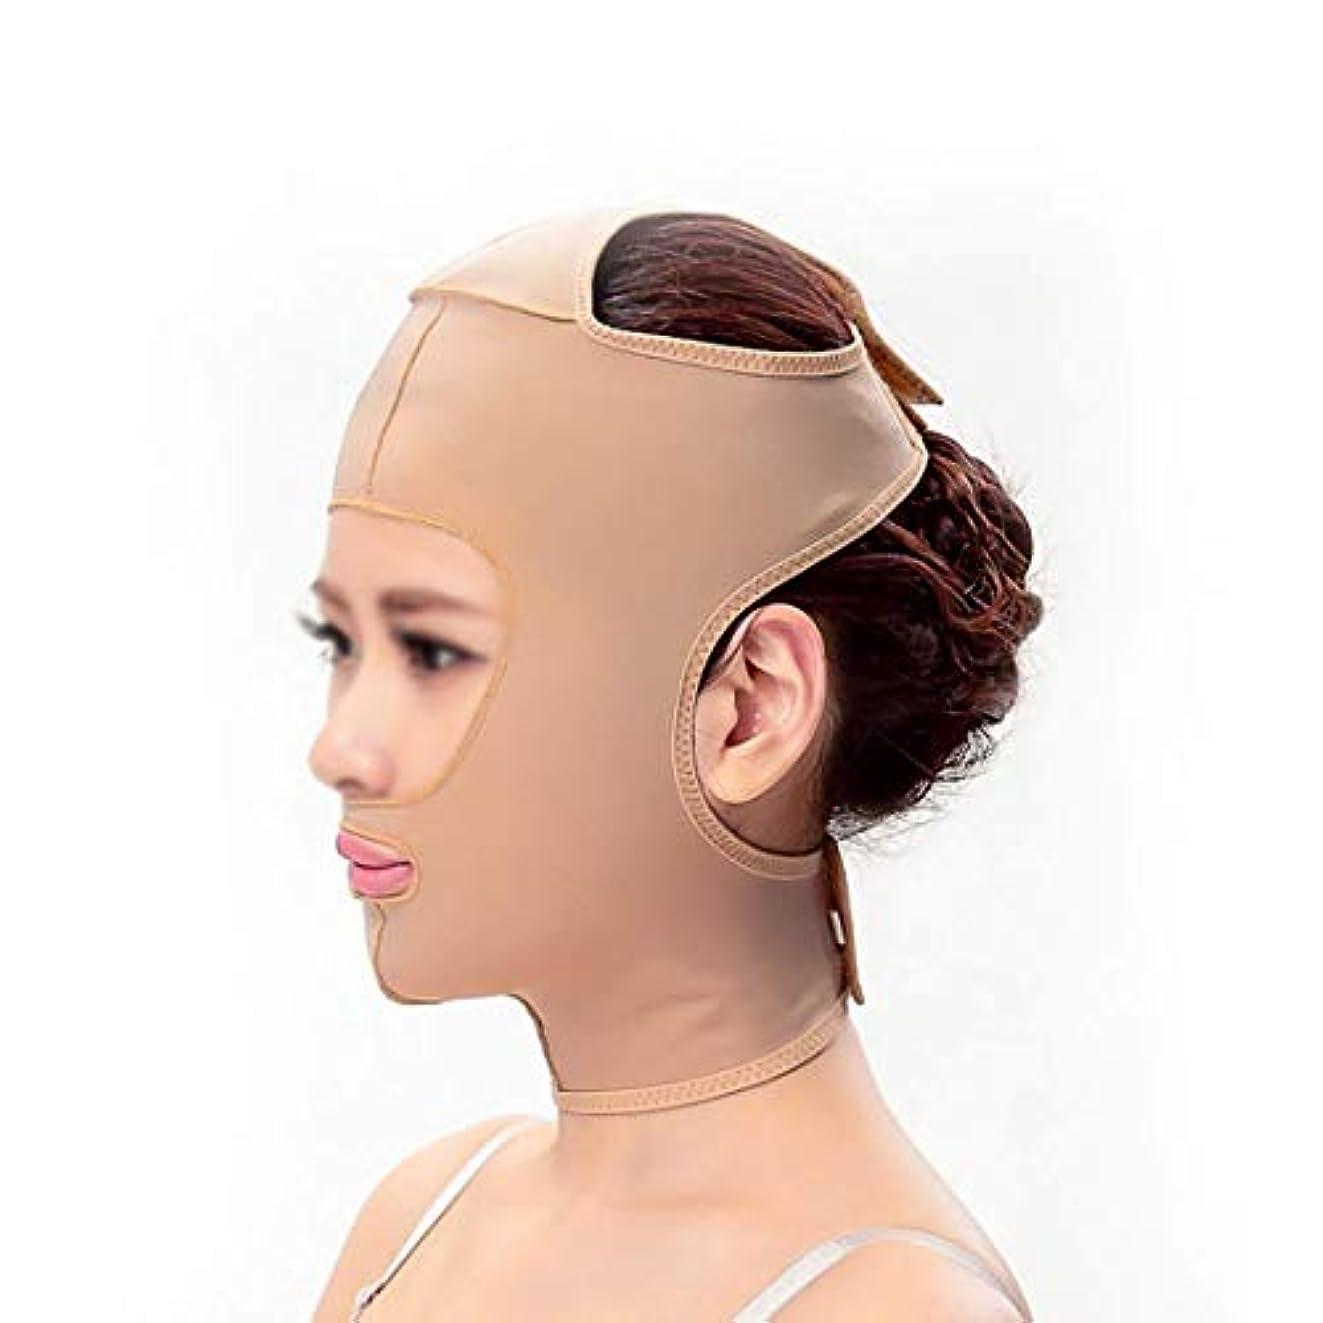 テレマコス切り離すエキサイティングスリミングベルト、フェイシャルマスクフェイスマスクフェイスプラスチック顔アーティファクト強力な顔の包帯を引き締めるダブルあごを持ち上げるパターンを布布する(サイズ:Xl)